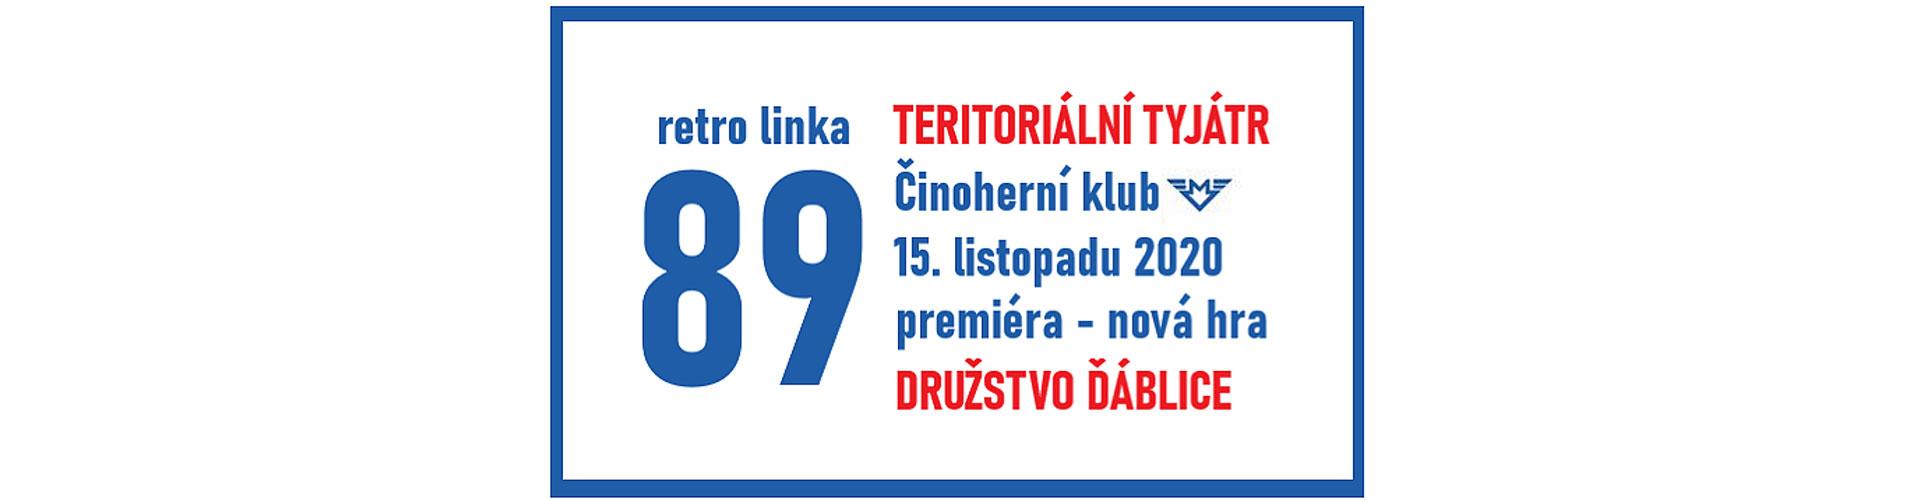 Družstvo Ďáblice / ČK uvádí